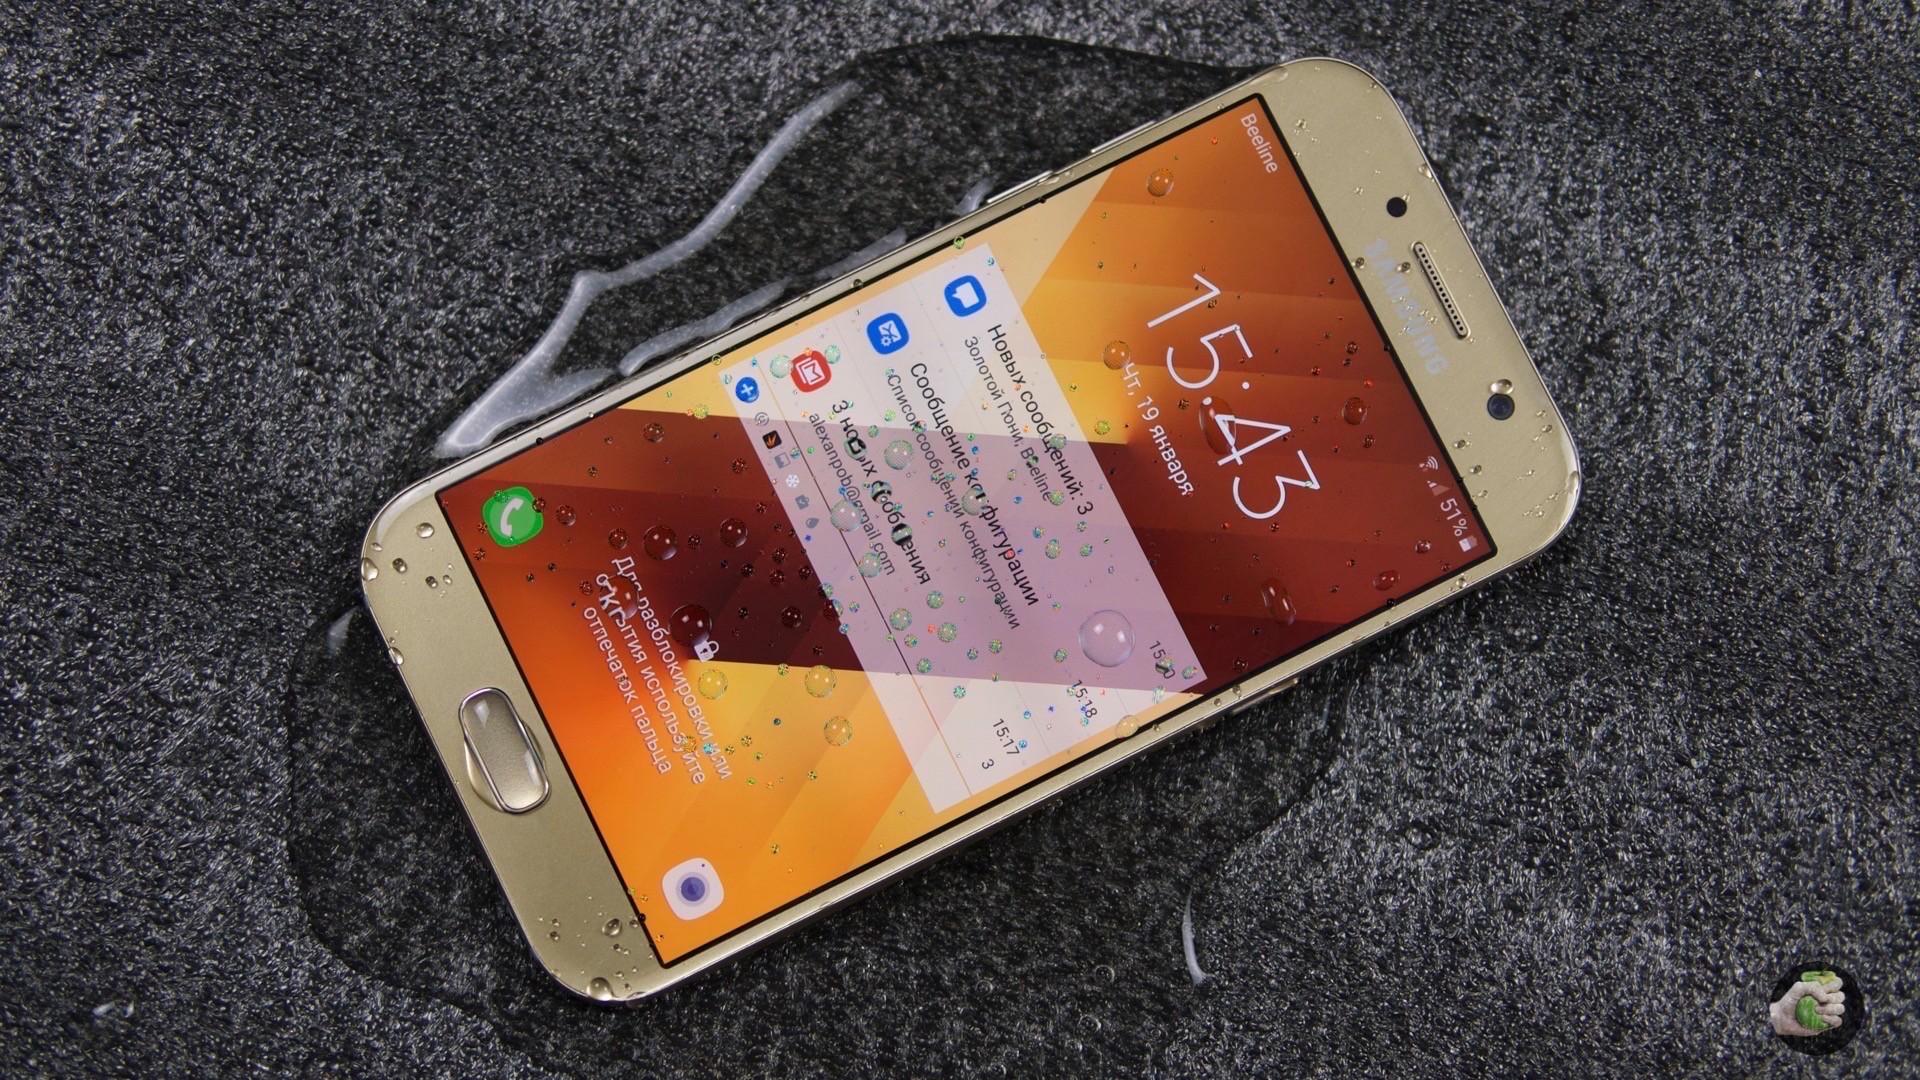 Технология NFC в смартфоне: что это и как работает?